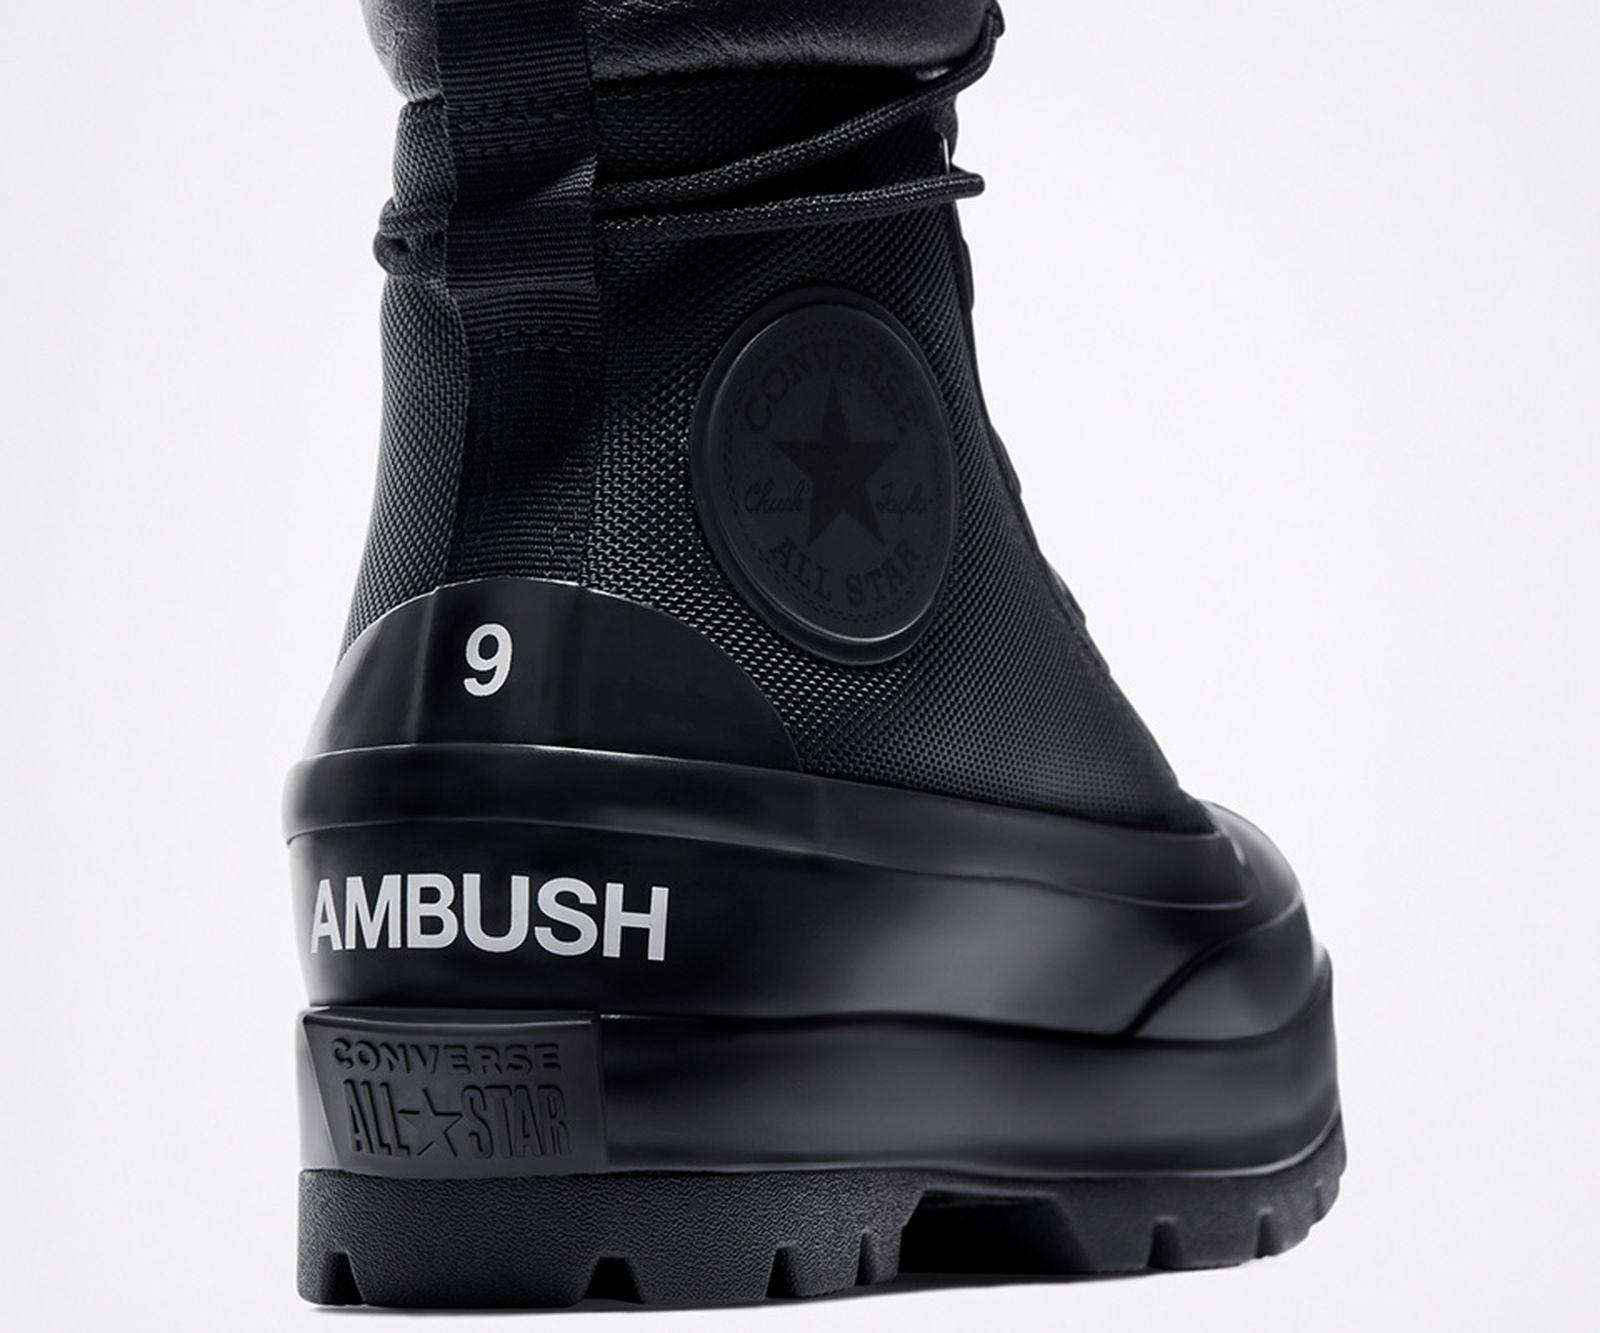 ambush-converse-ctas-duck-boot-release-date-price-1-14